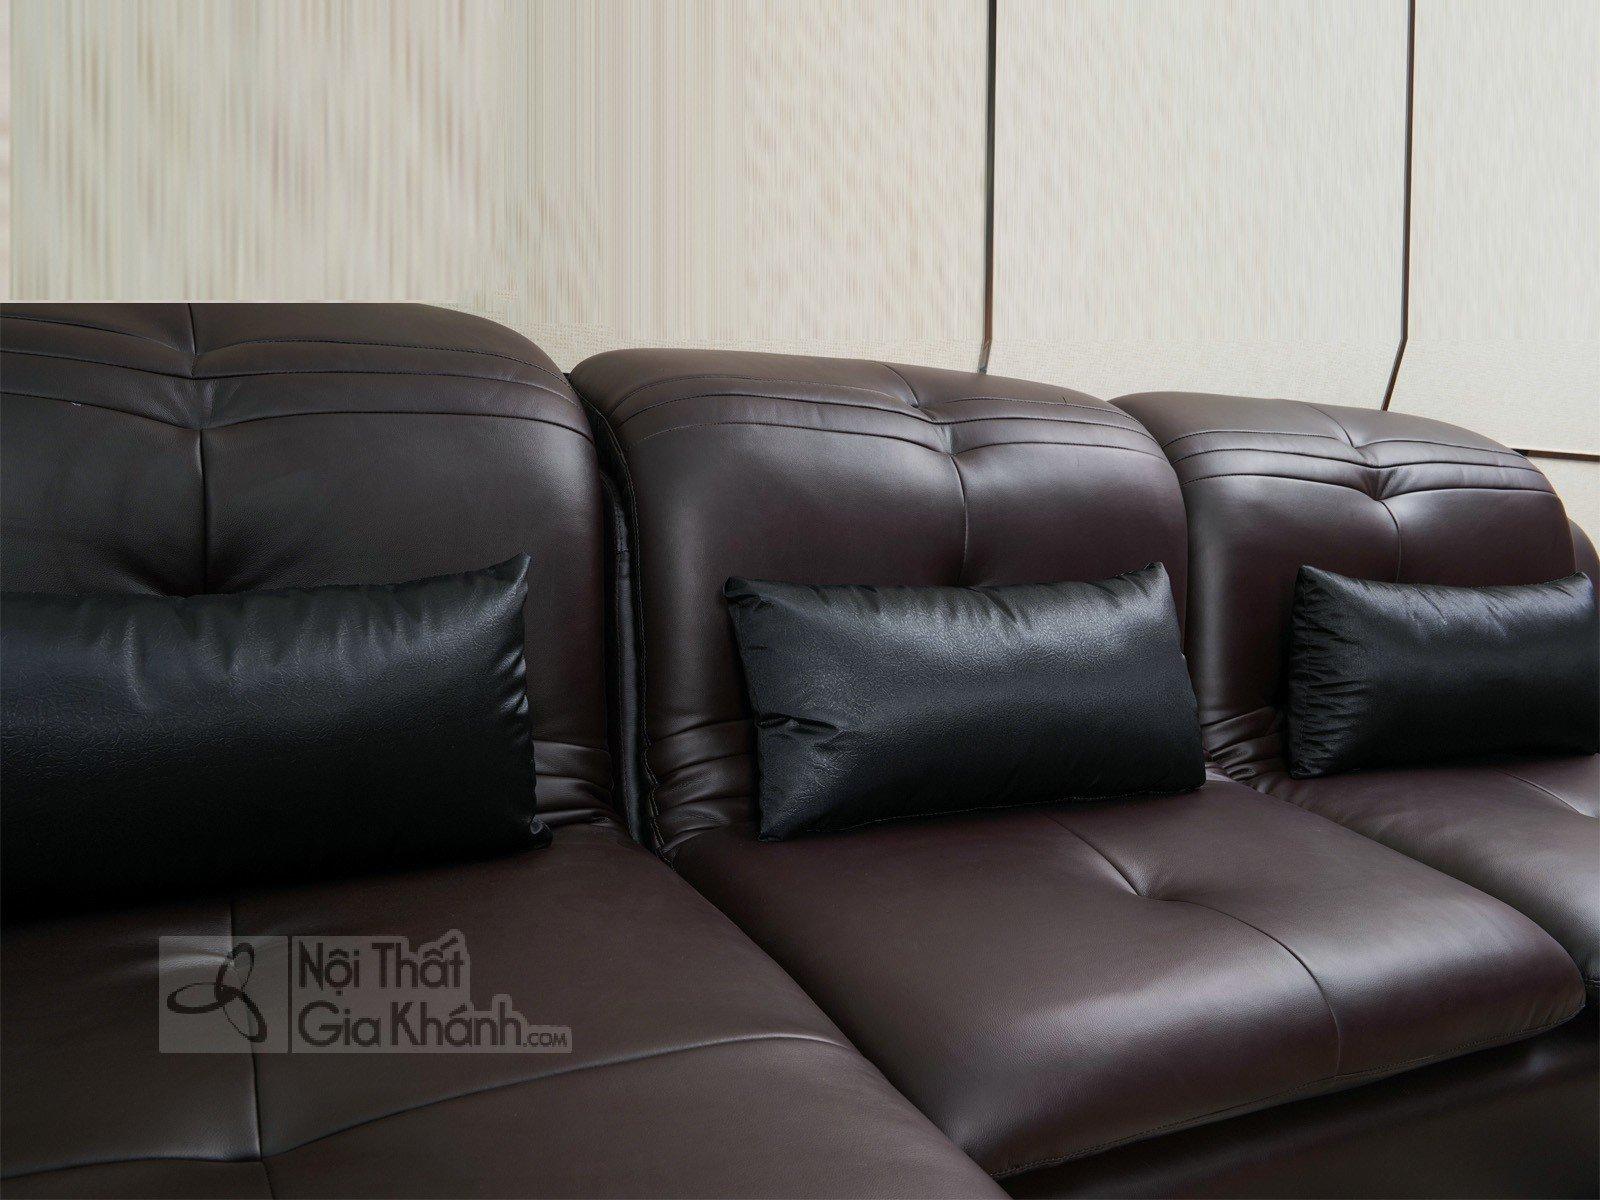 SOFA NÂU CAFE HIỆN ĐẠI 2 BĂNG GÓC PHẢI MÃ 9026SF - sofa hien dai 9026SF 3020x1800 3